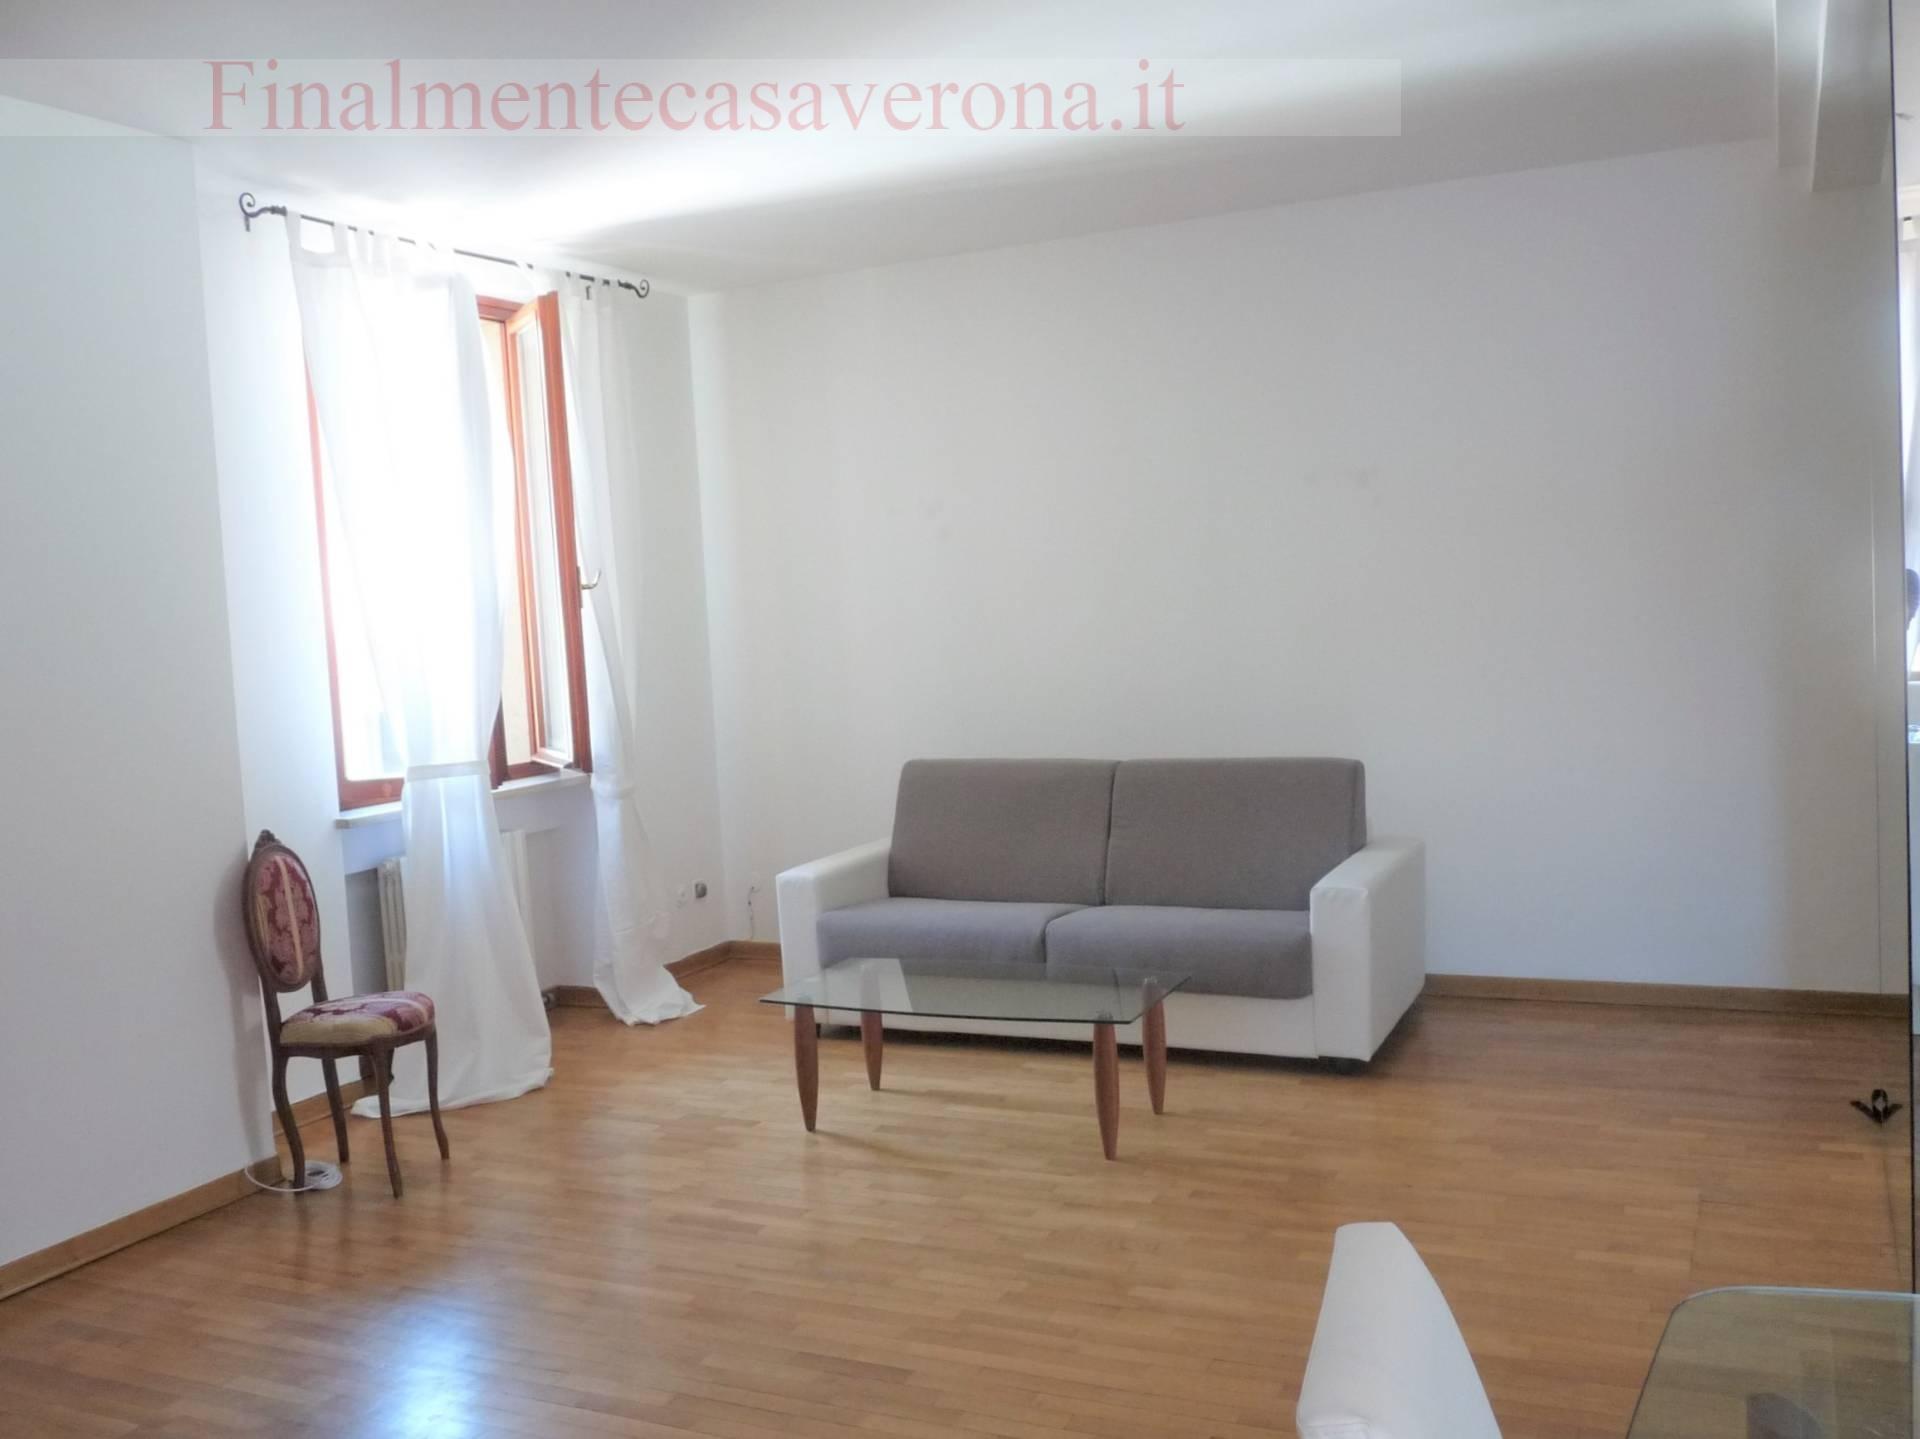 Appartamento in affitto a Verona, 2 locali, zona Località: Centrostorico, prezzo € 900   CambioCasa.it